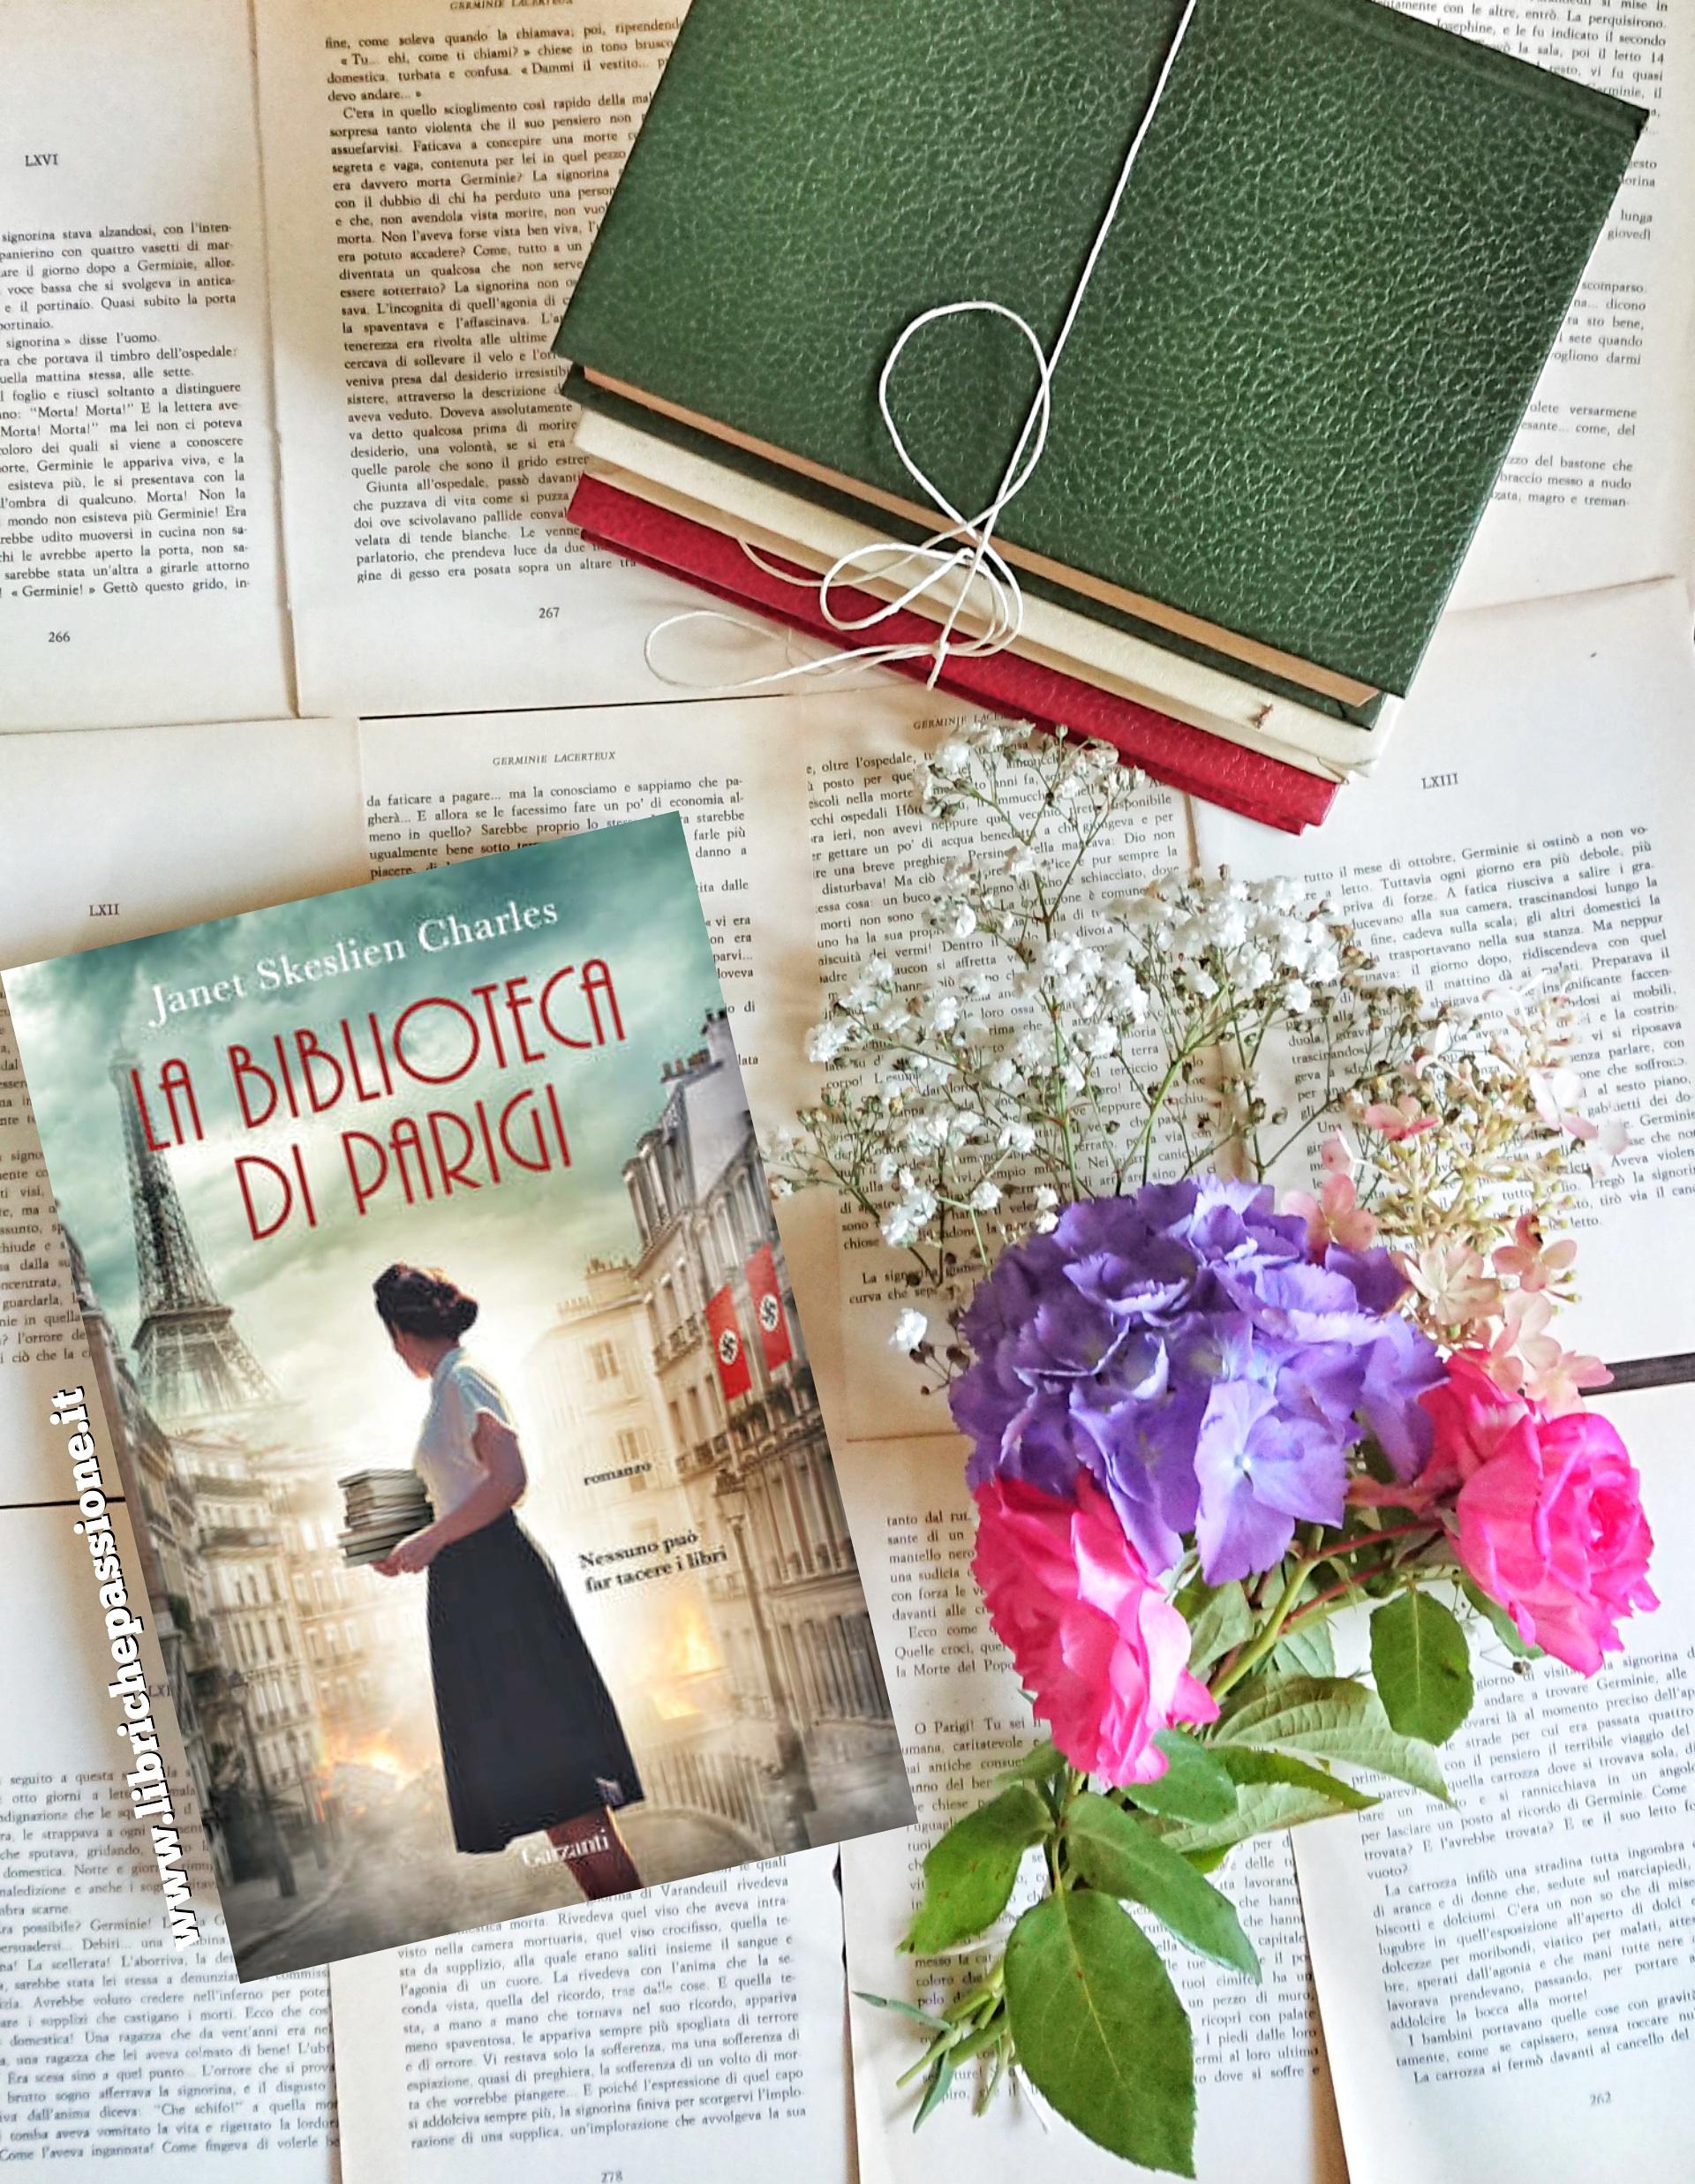 """Recensione del romanzo """"La biblioteca di Parigi"""" di Janet Skeslien Charles edito da Garzanti"""